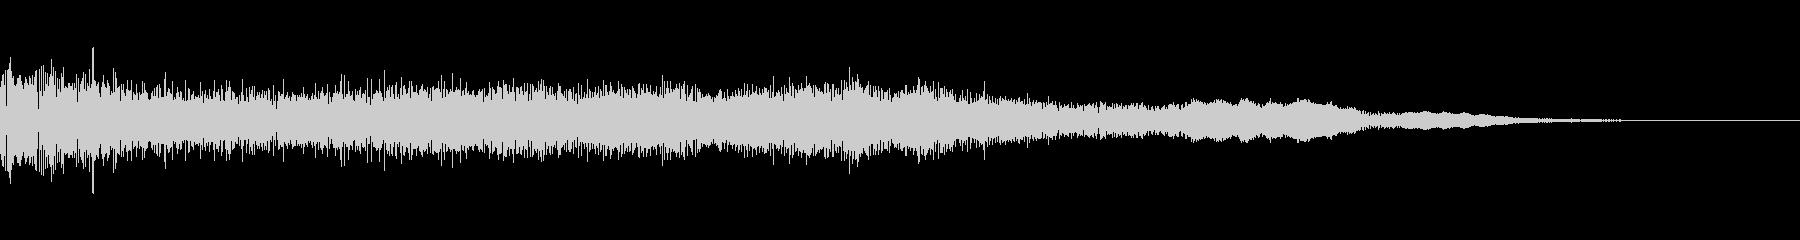 未来感のあるサウンドロゴ/オープニングの未再生の波形